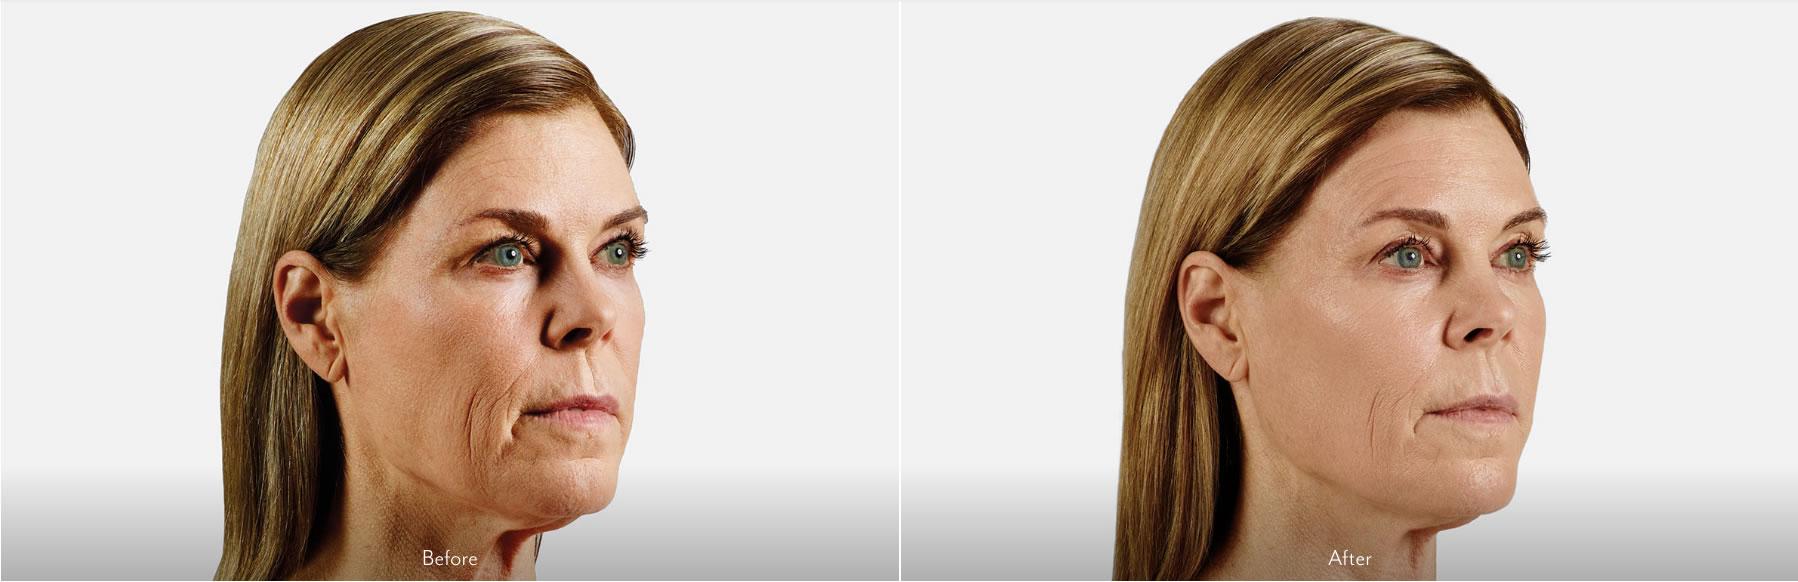 Before & After Juvederm Voluma